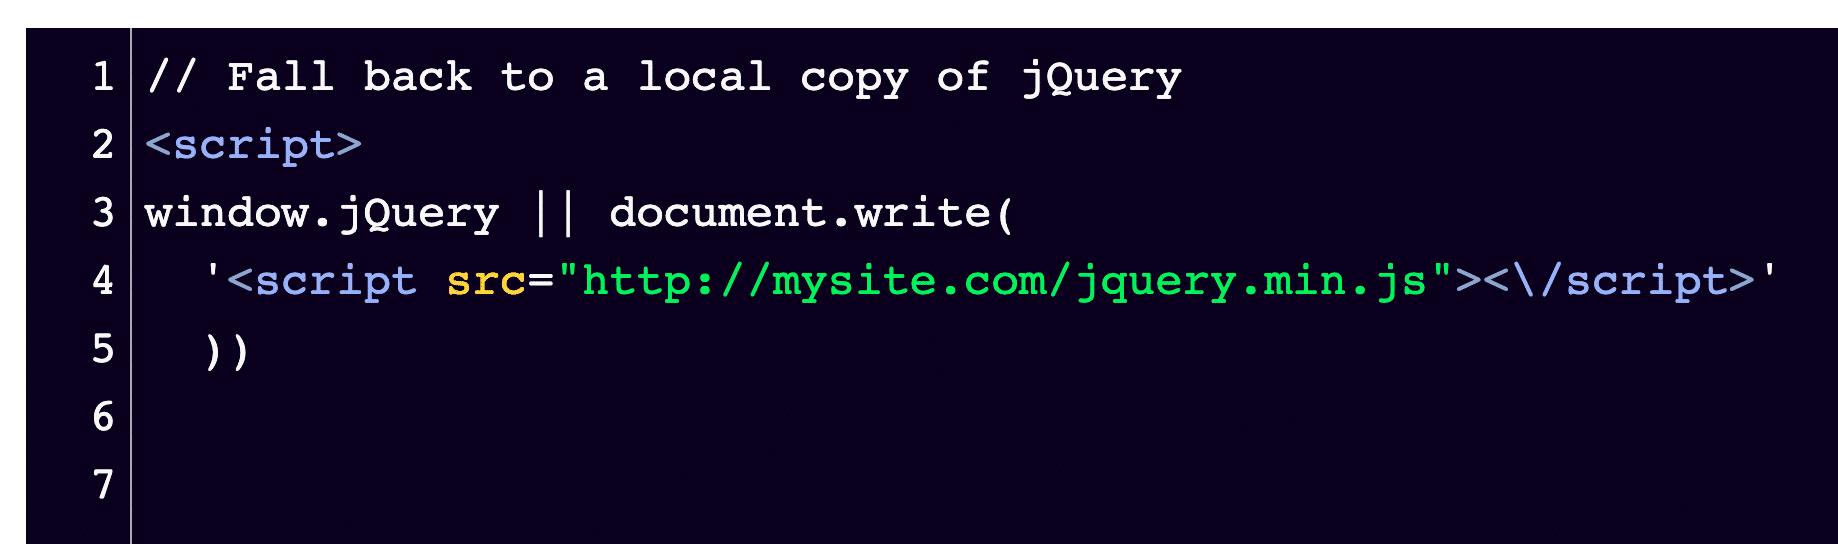 Si usa comentarios al principio, el fragmento de código debería verse así.